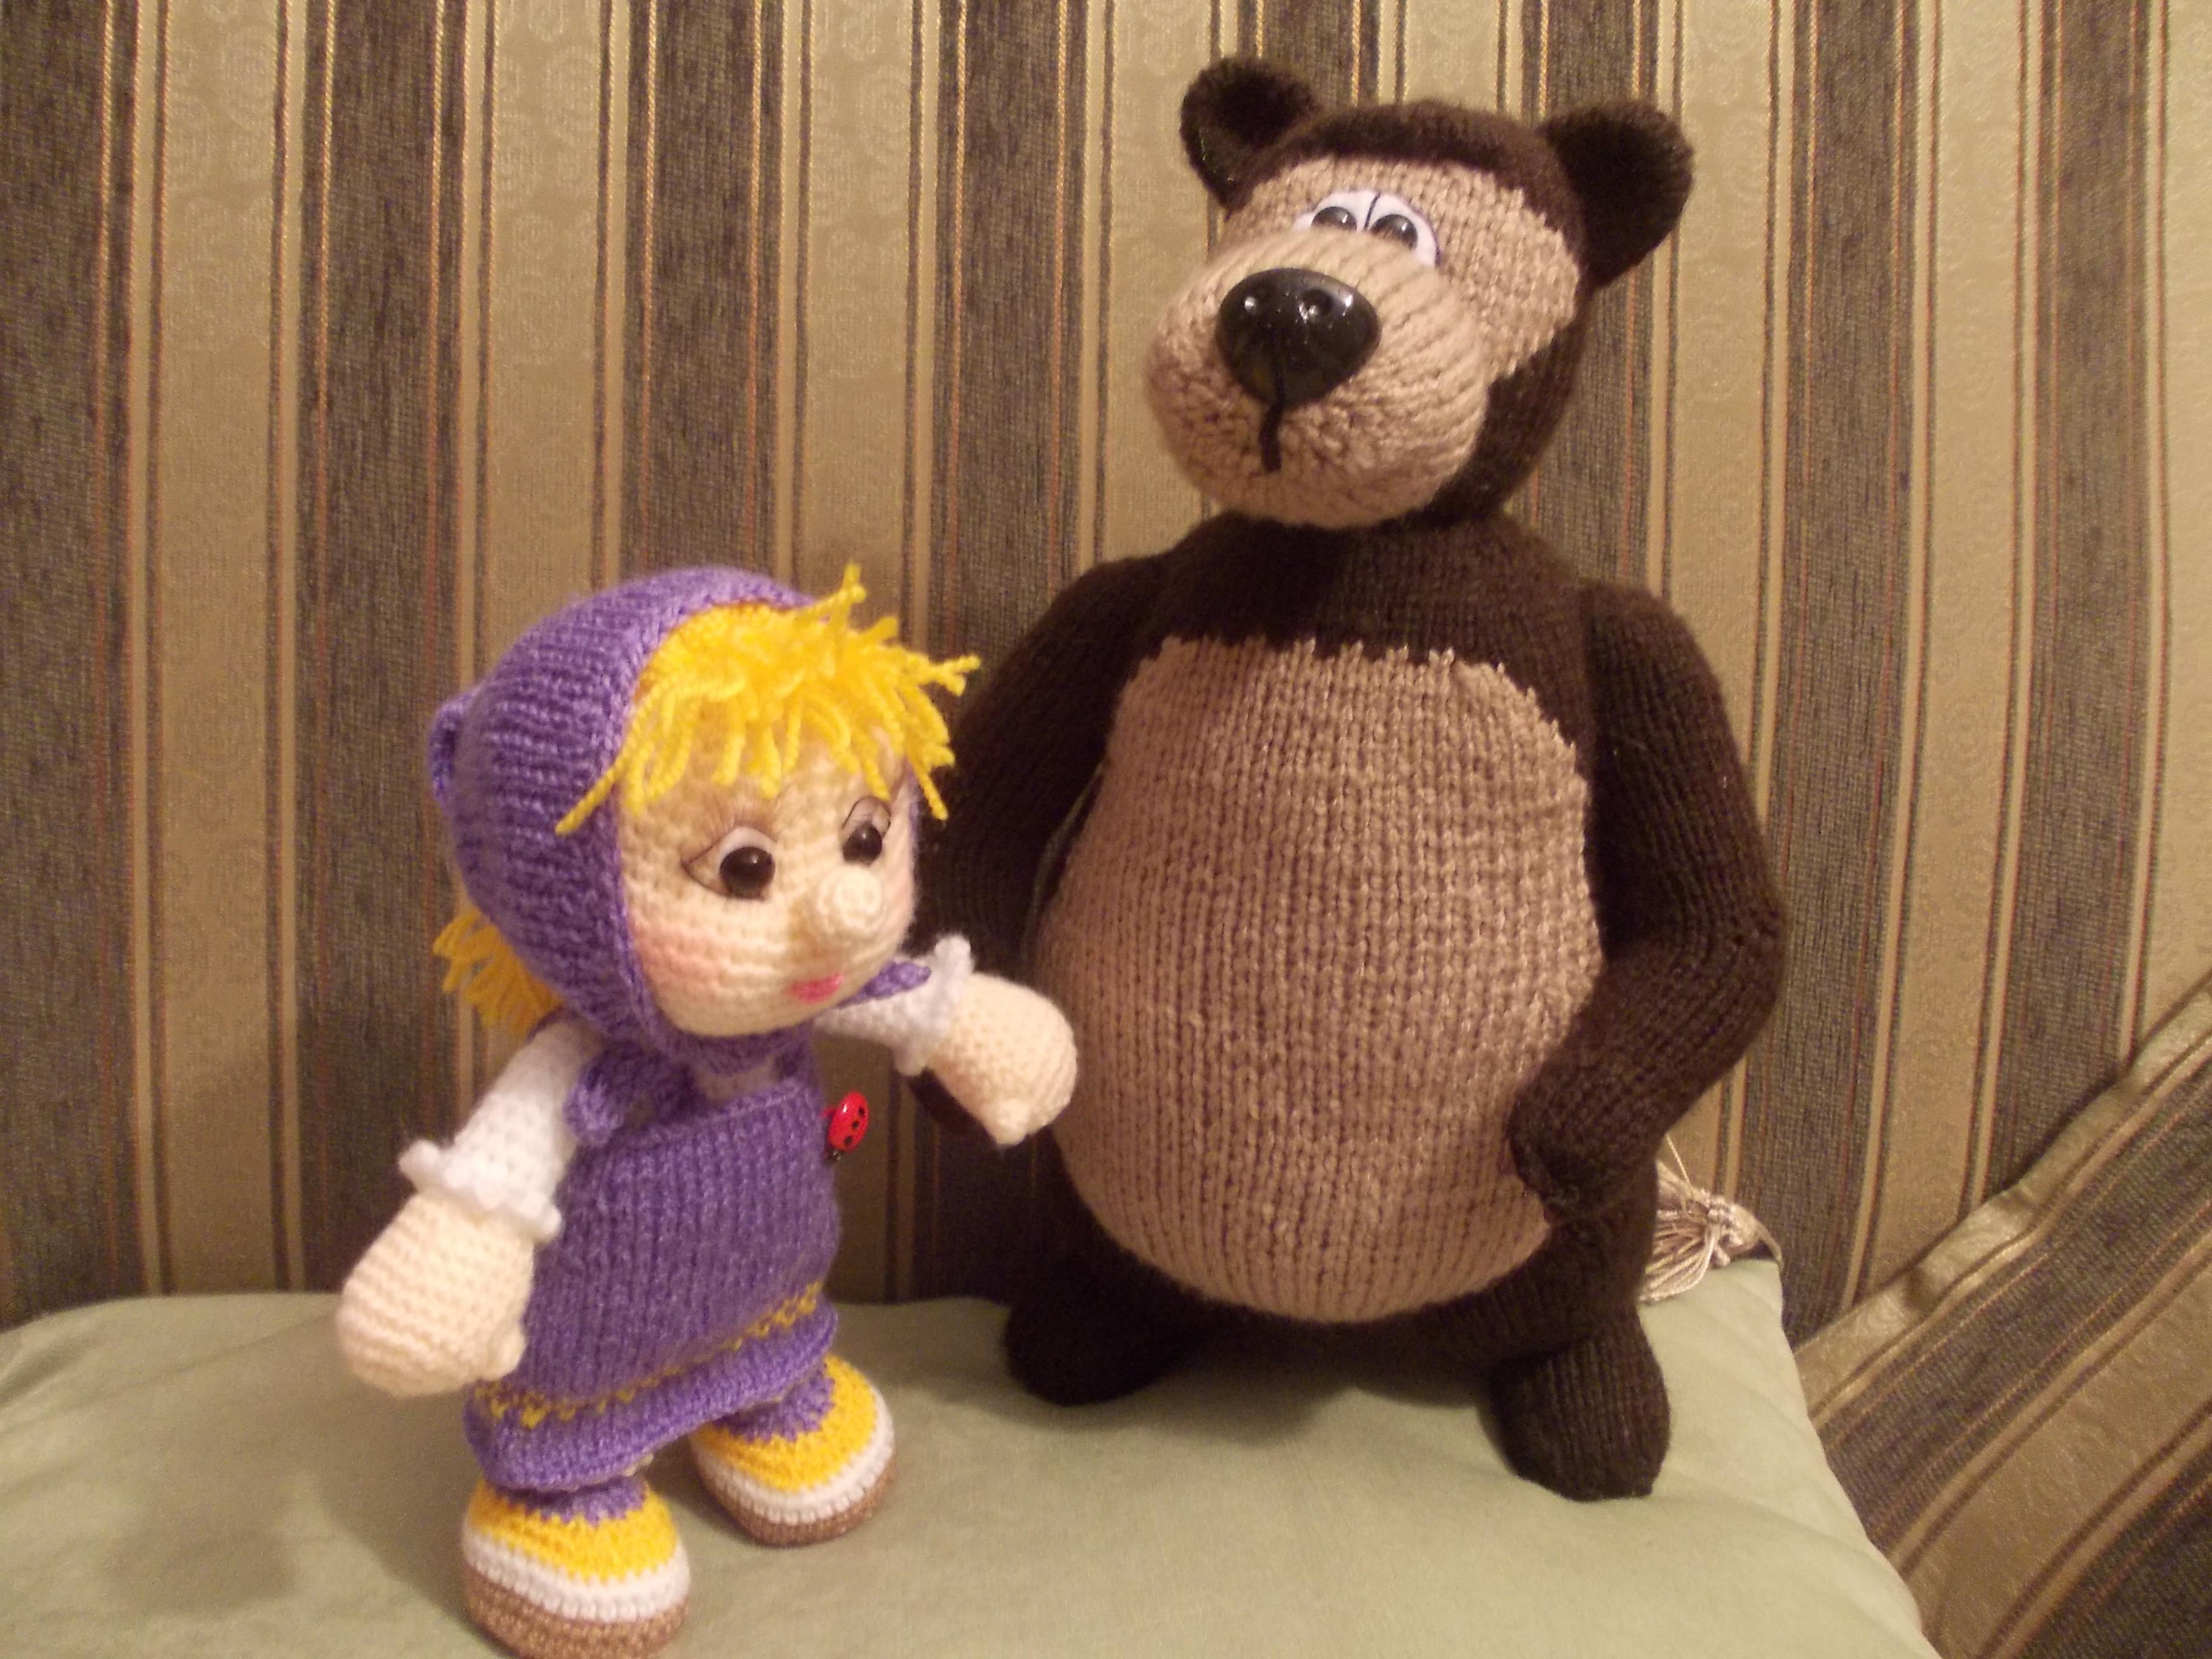 Как связать крючком Мишу и Машу из мультфильма?